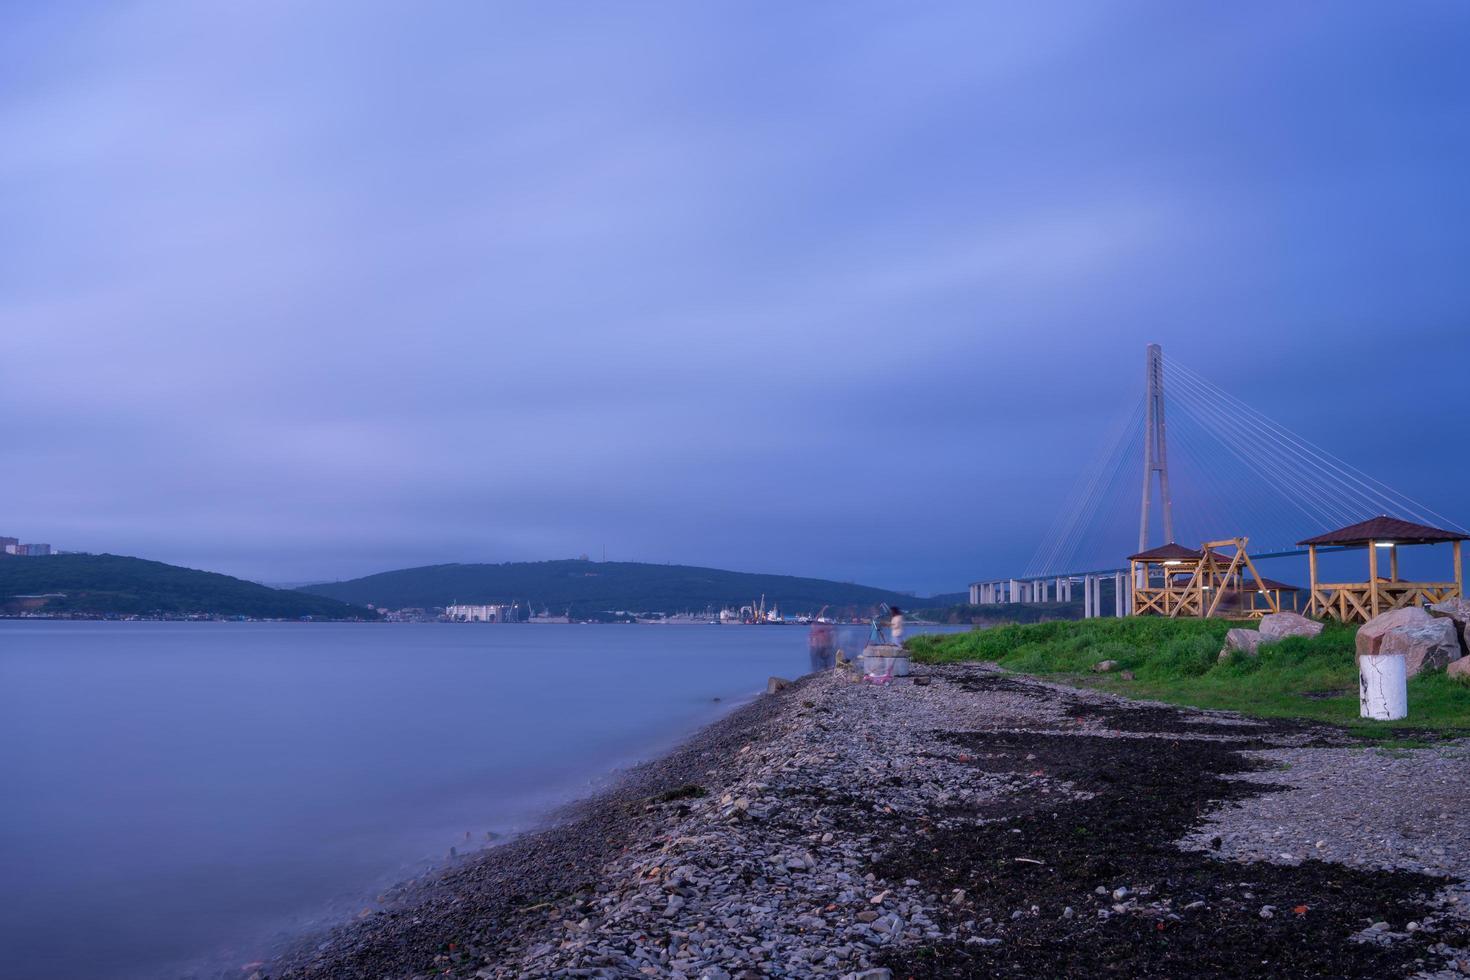 Vista de la costa rocosa con el puente russky en el fondo y un cuerpo de agua en Vladivostok, Rusia foto